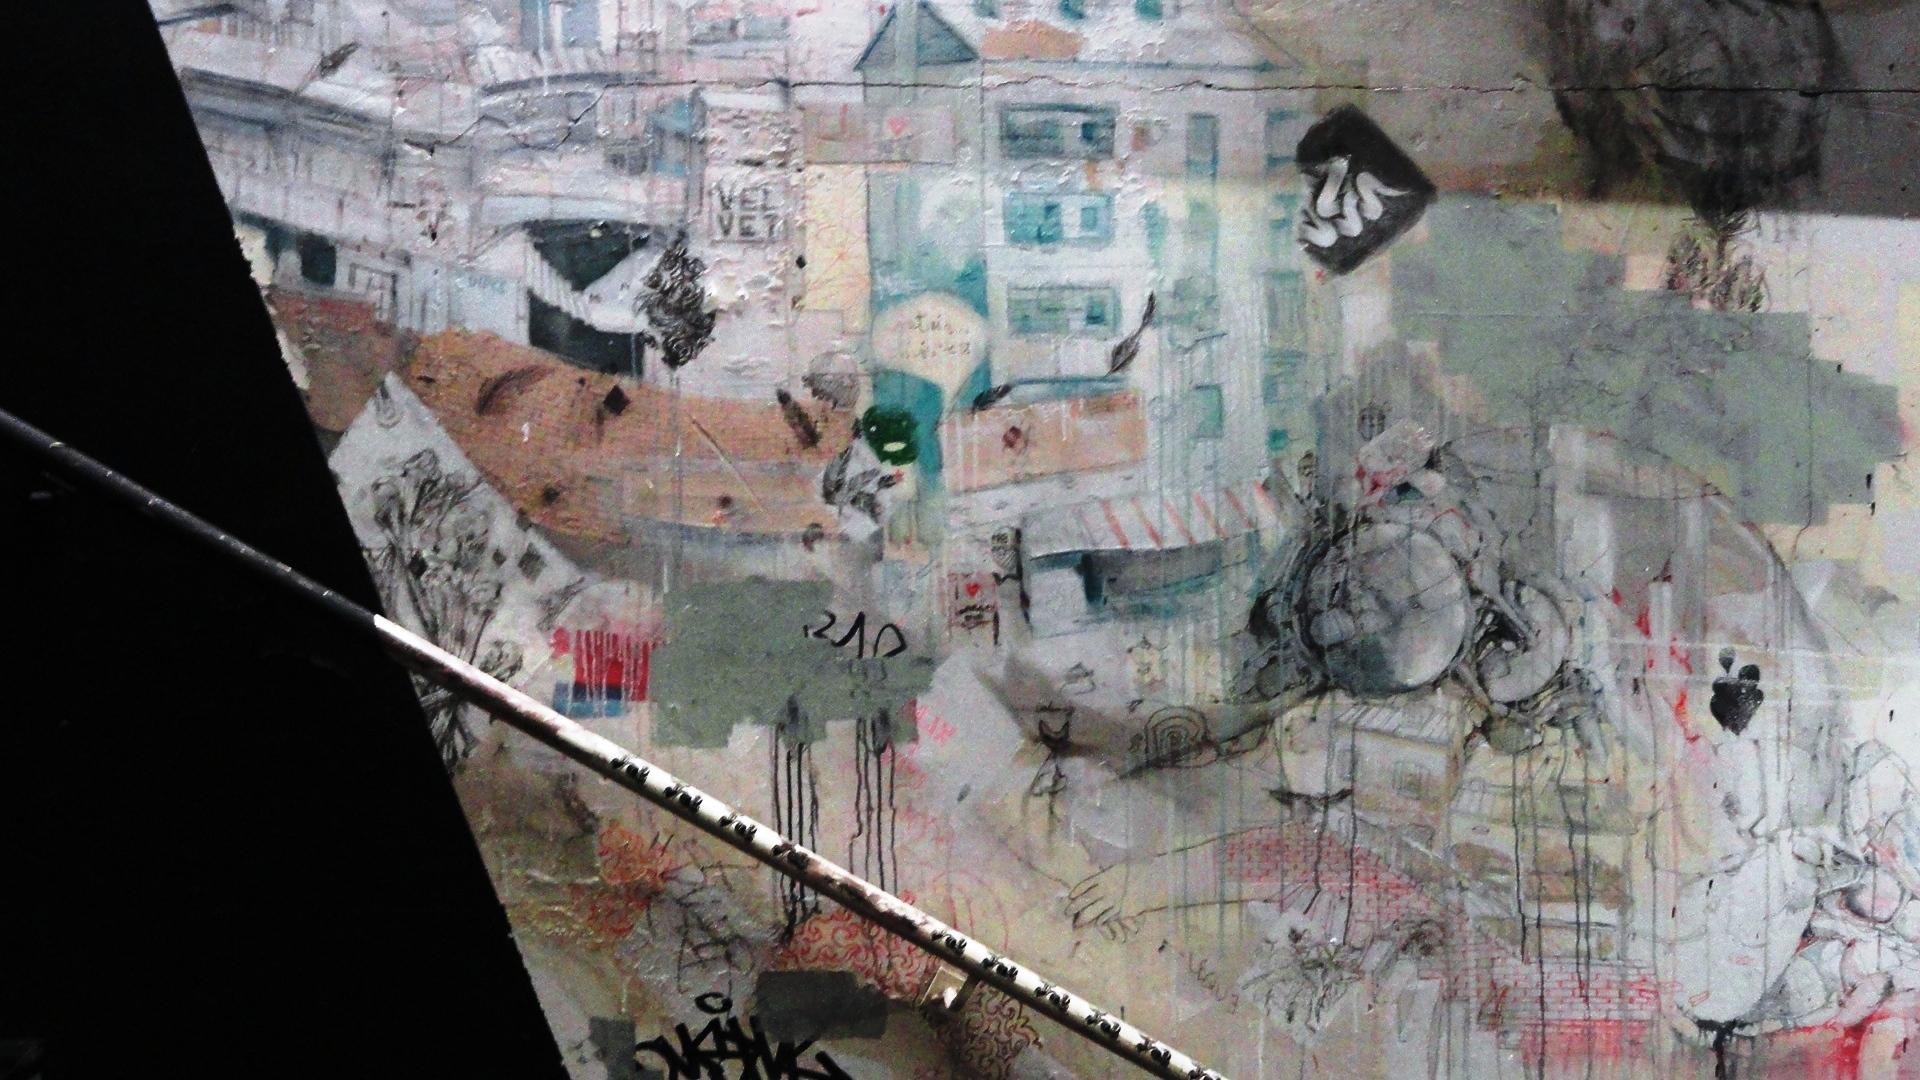 Lasco Projet - Palais de Tokyo - Zoer, Velvet, Seth, Alelêxone